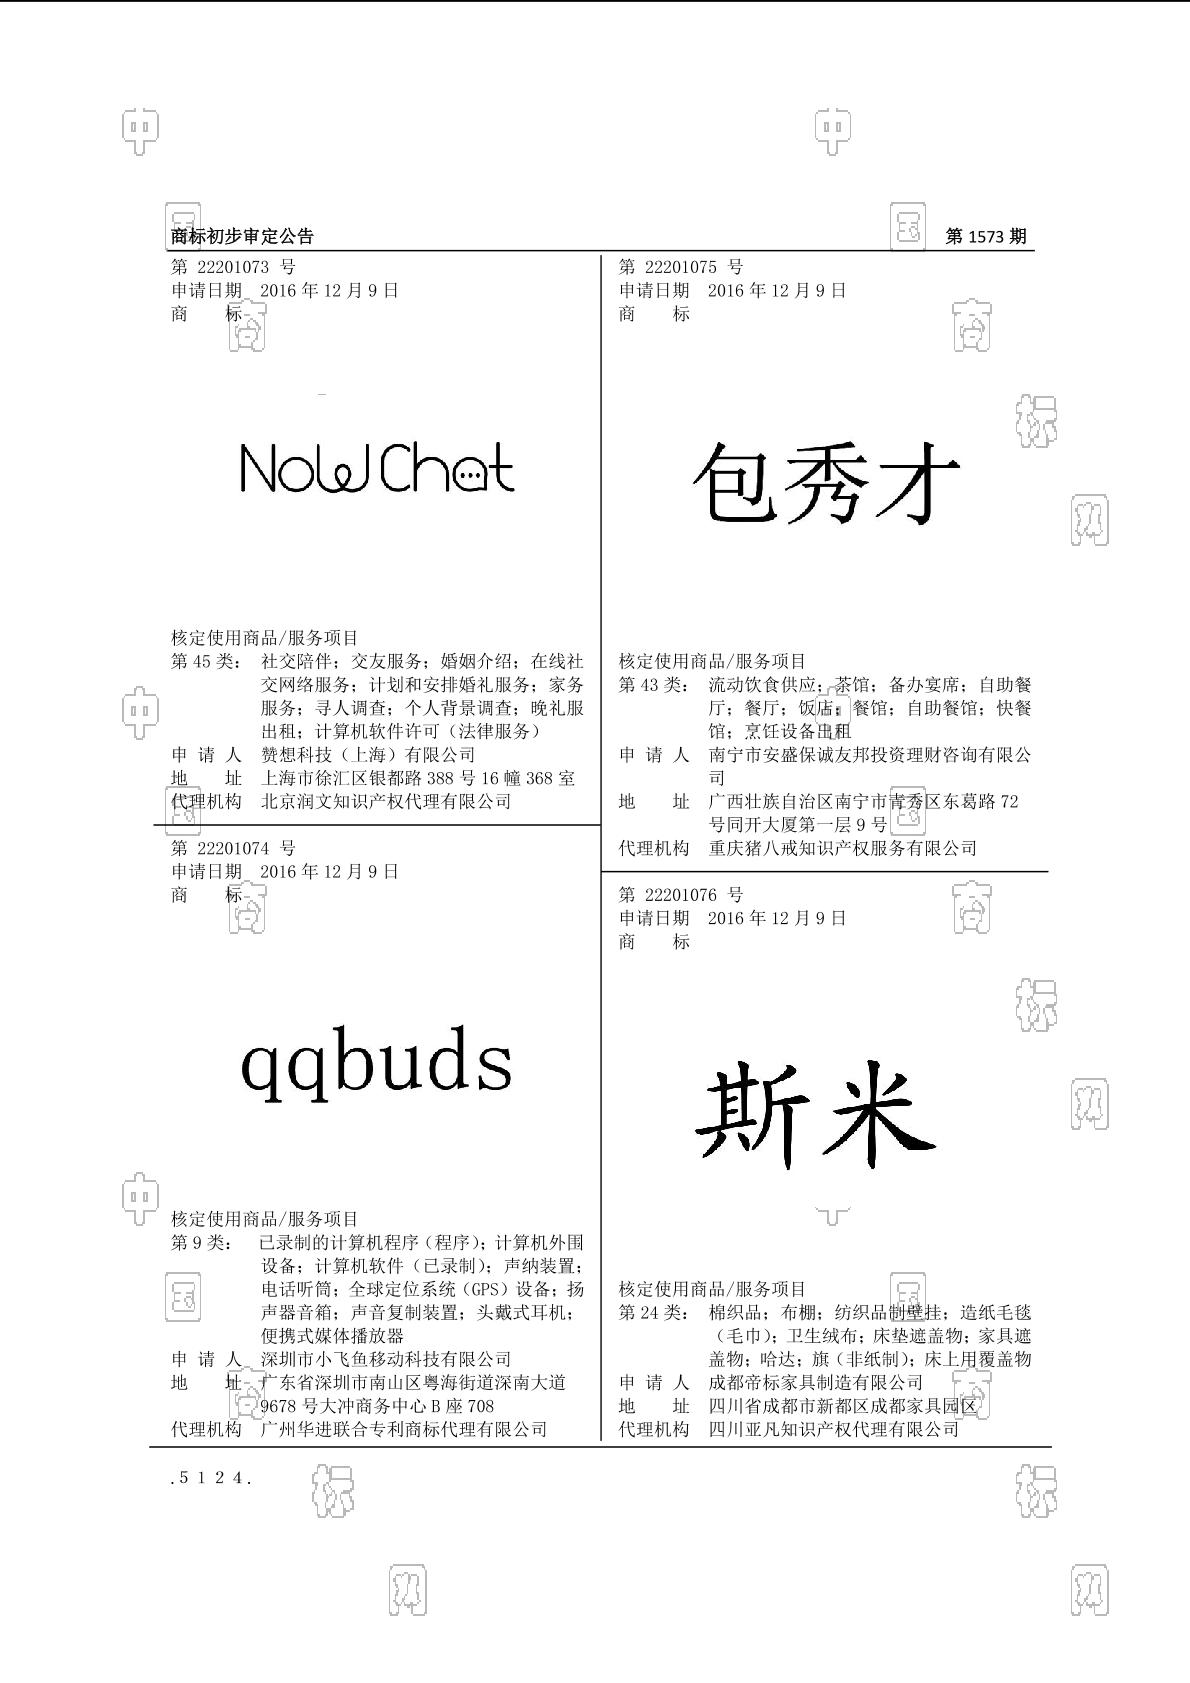 【社标网】NOWCHAT商标状态注册号信息 赞想科技(上海)有限公司商标信息-商标查询